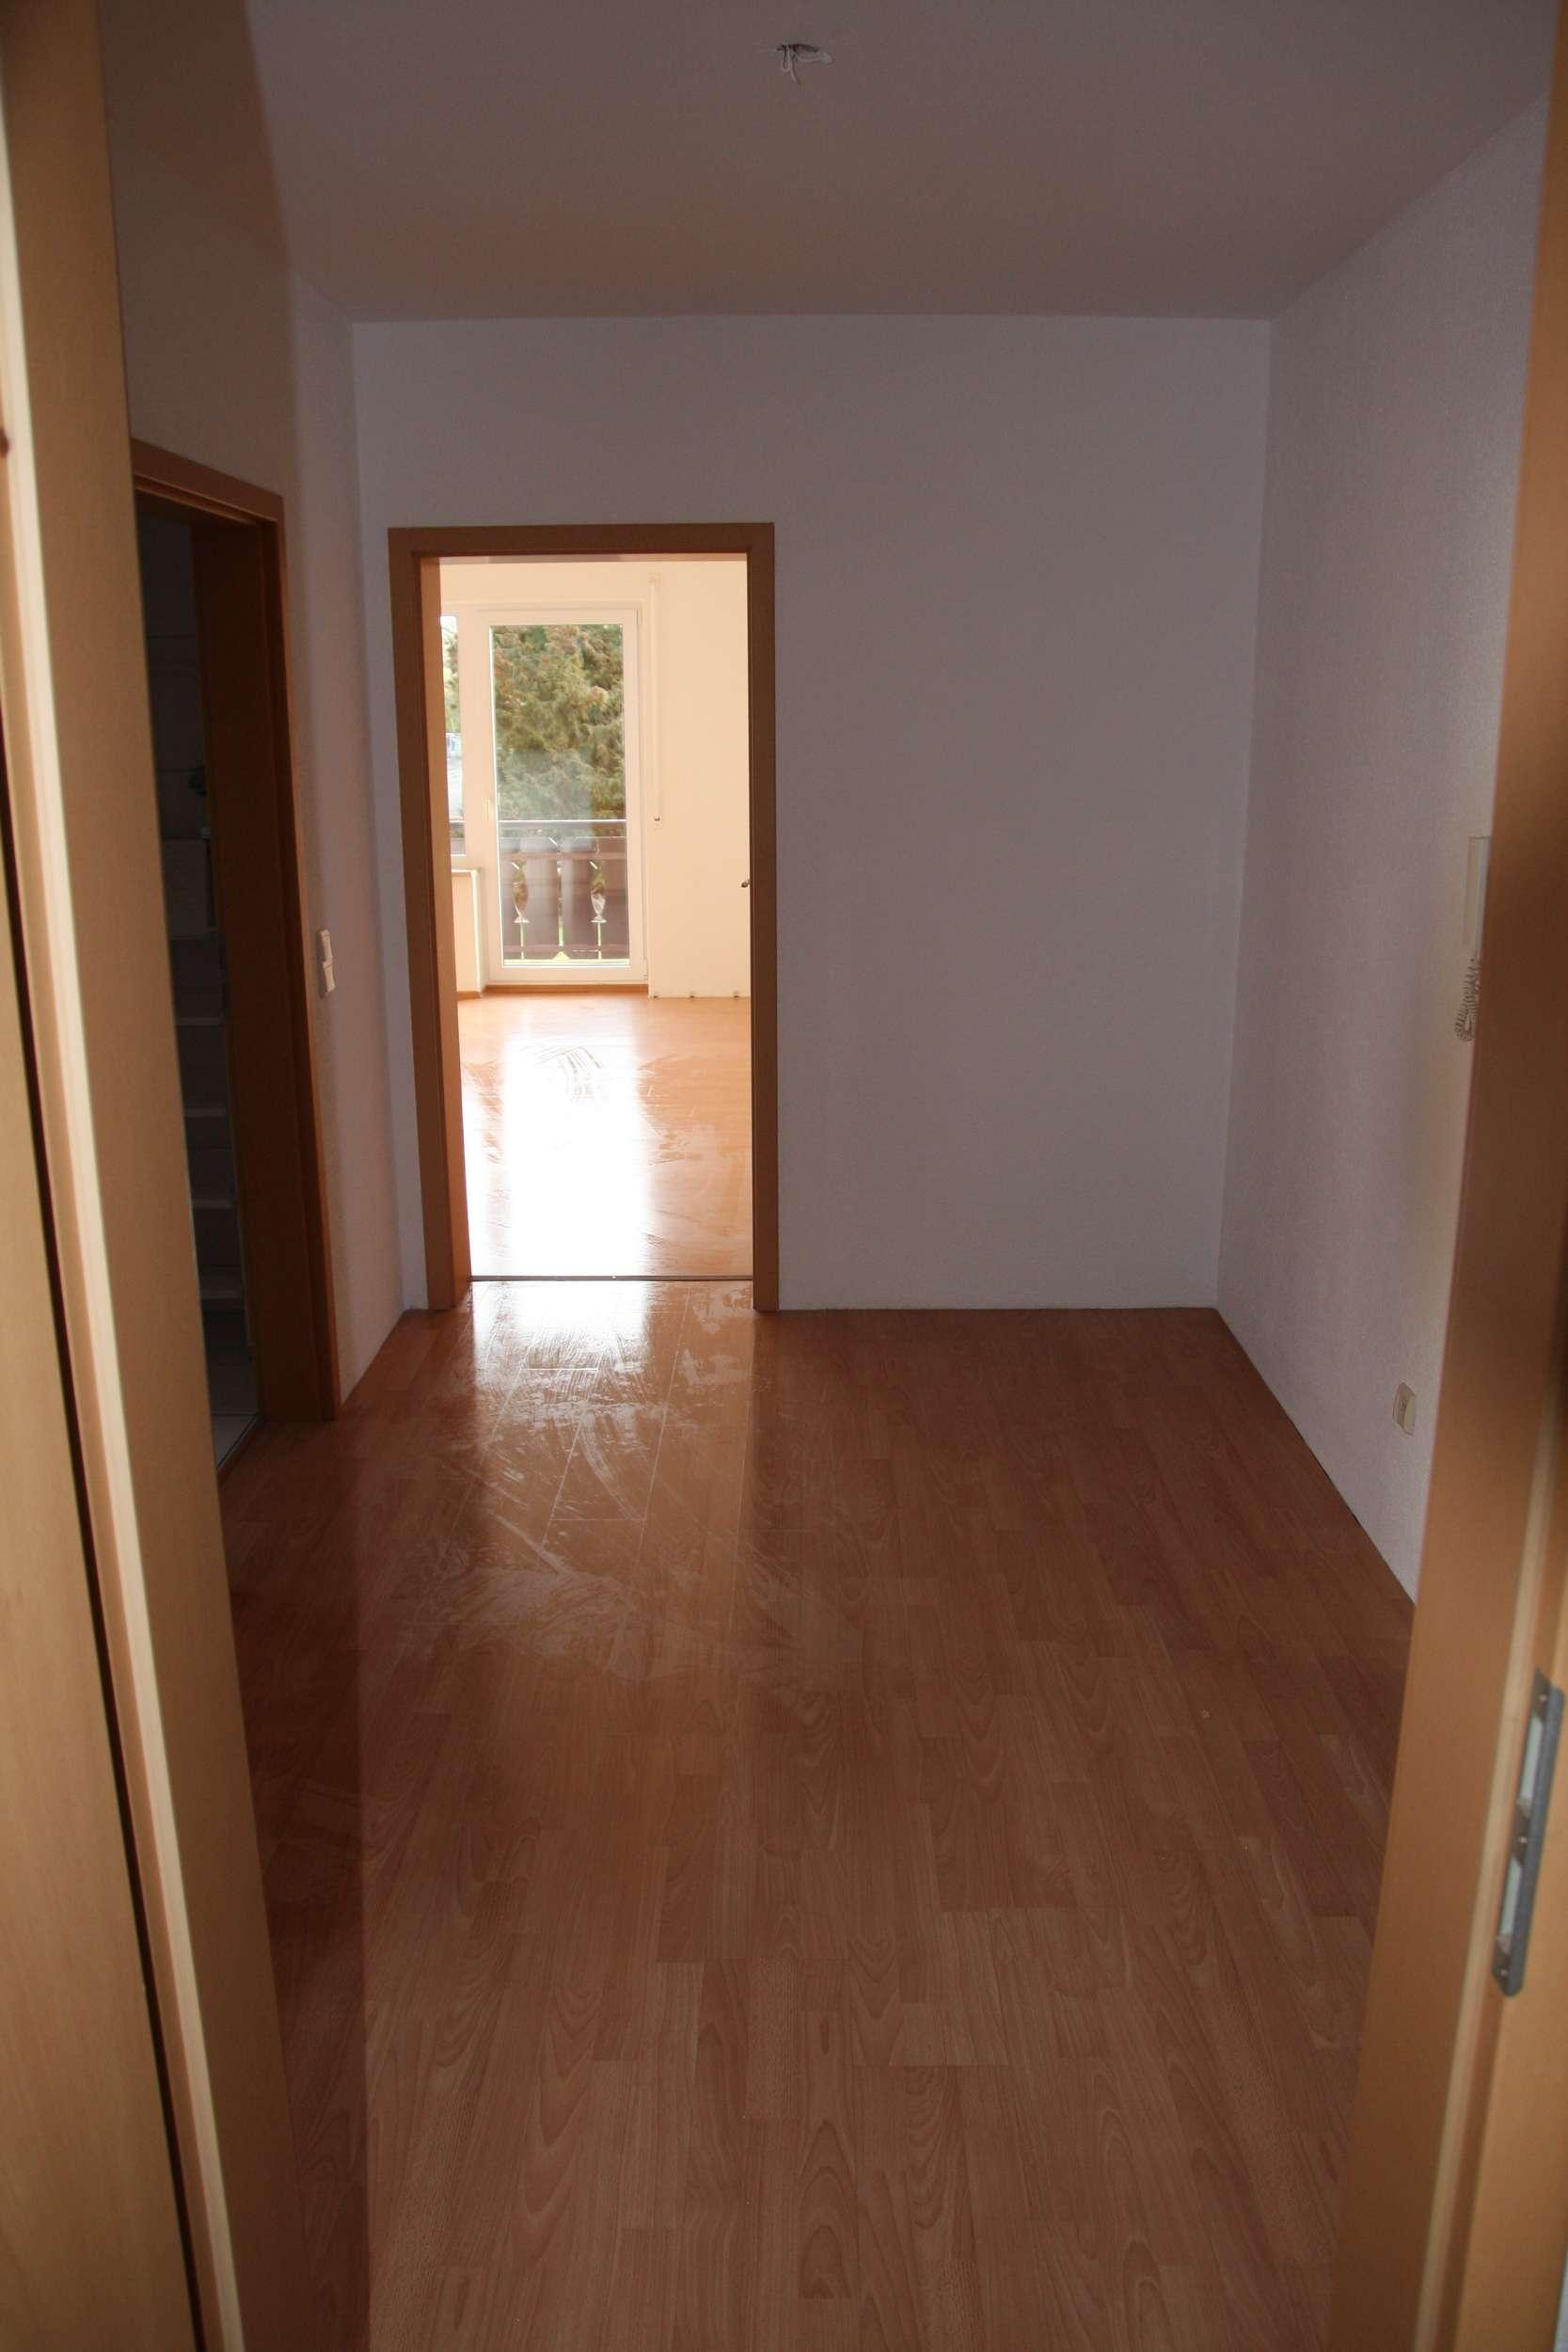 Sonnige  2-Zimmer Wohunung EG mit Balkon-Einbauküche-Garage in Ottobeuren in Ottobeuren